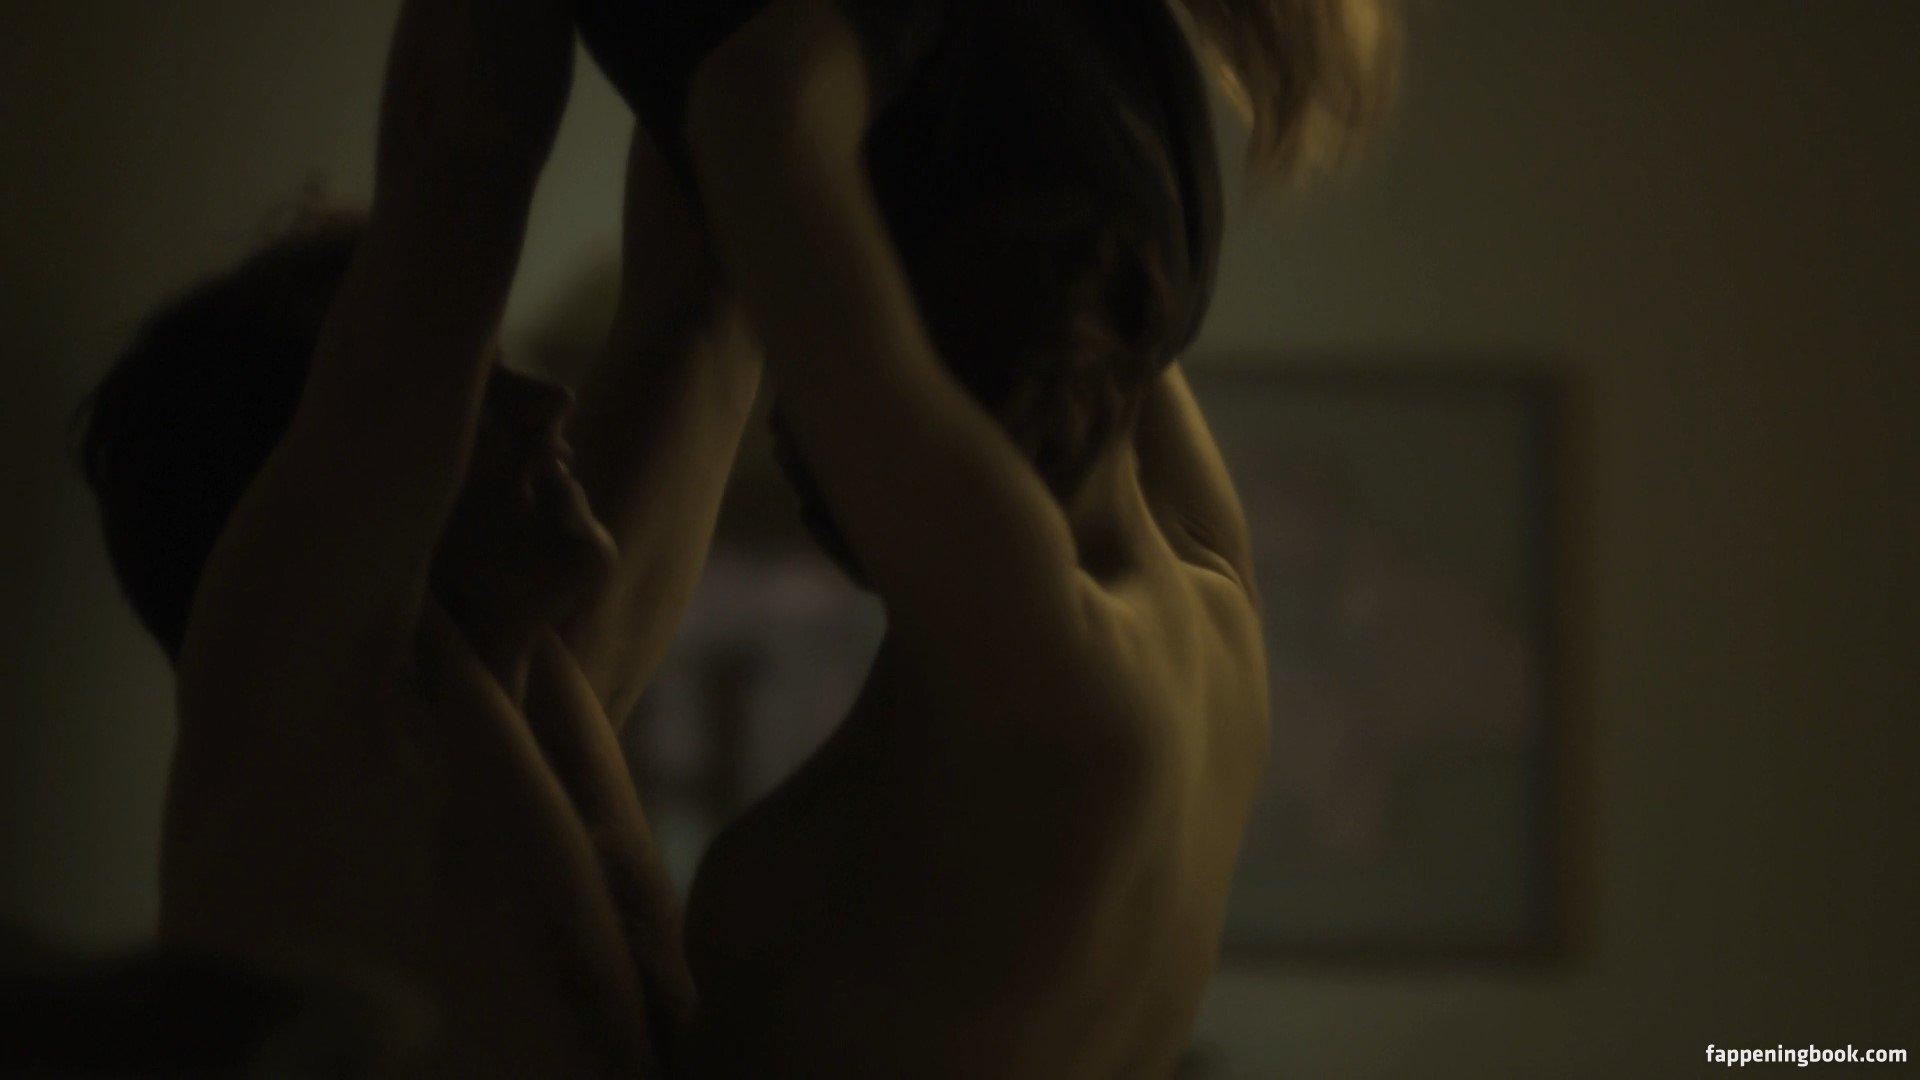 Naked rachelle lefevre Rachelle Lefevre